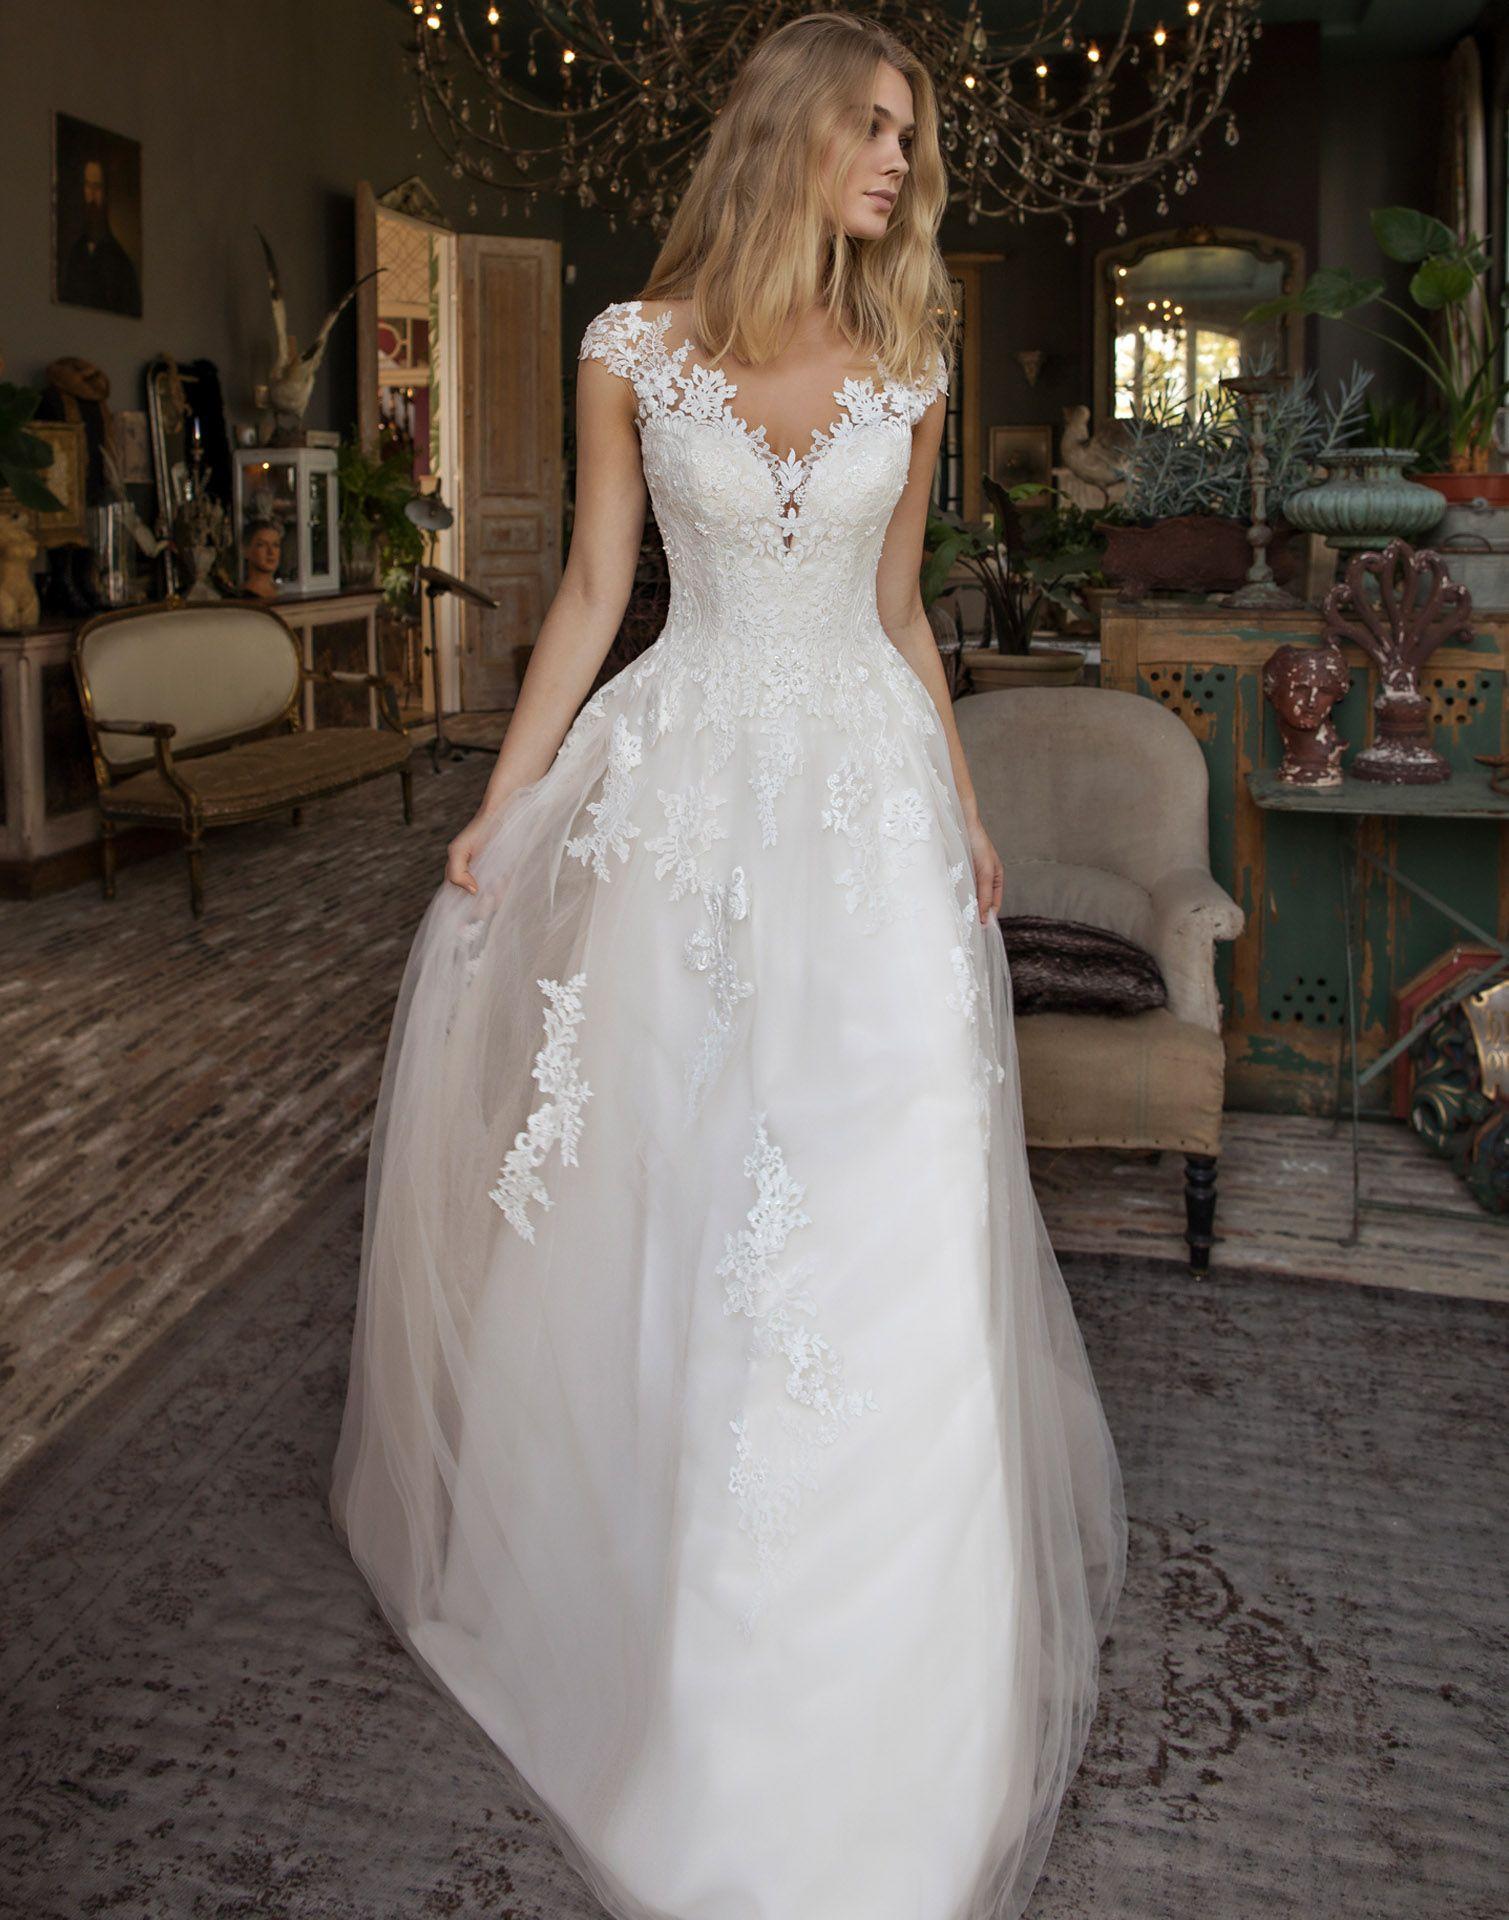 Detroit a beautiful empire waist wedding dress with soft cap